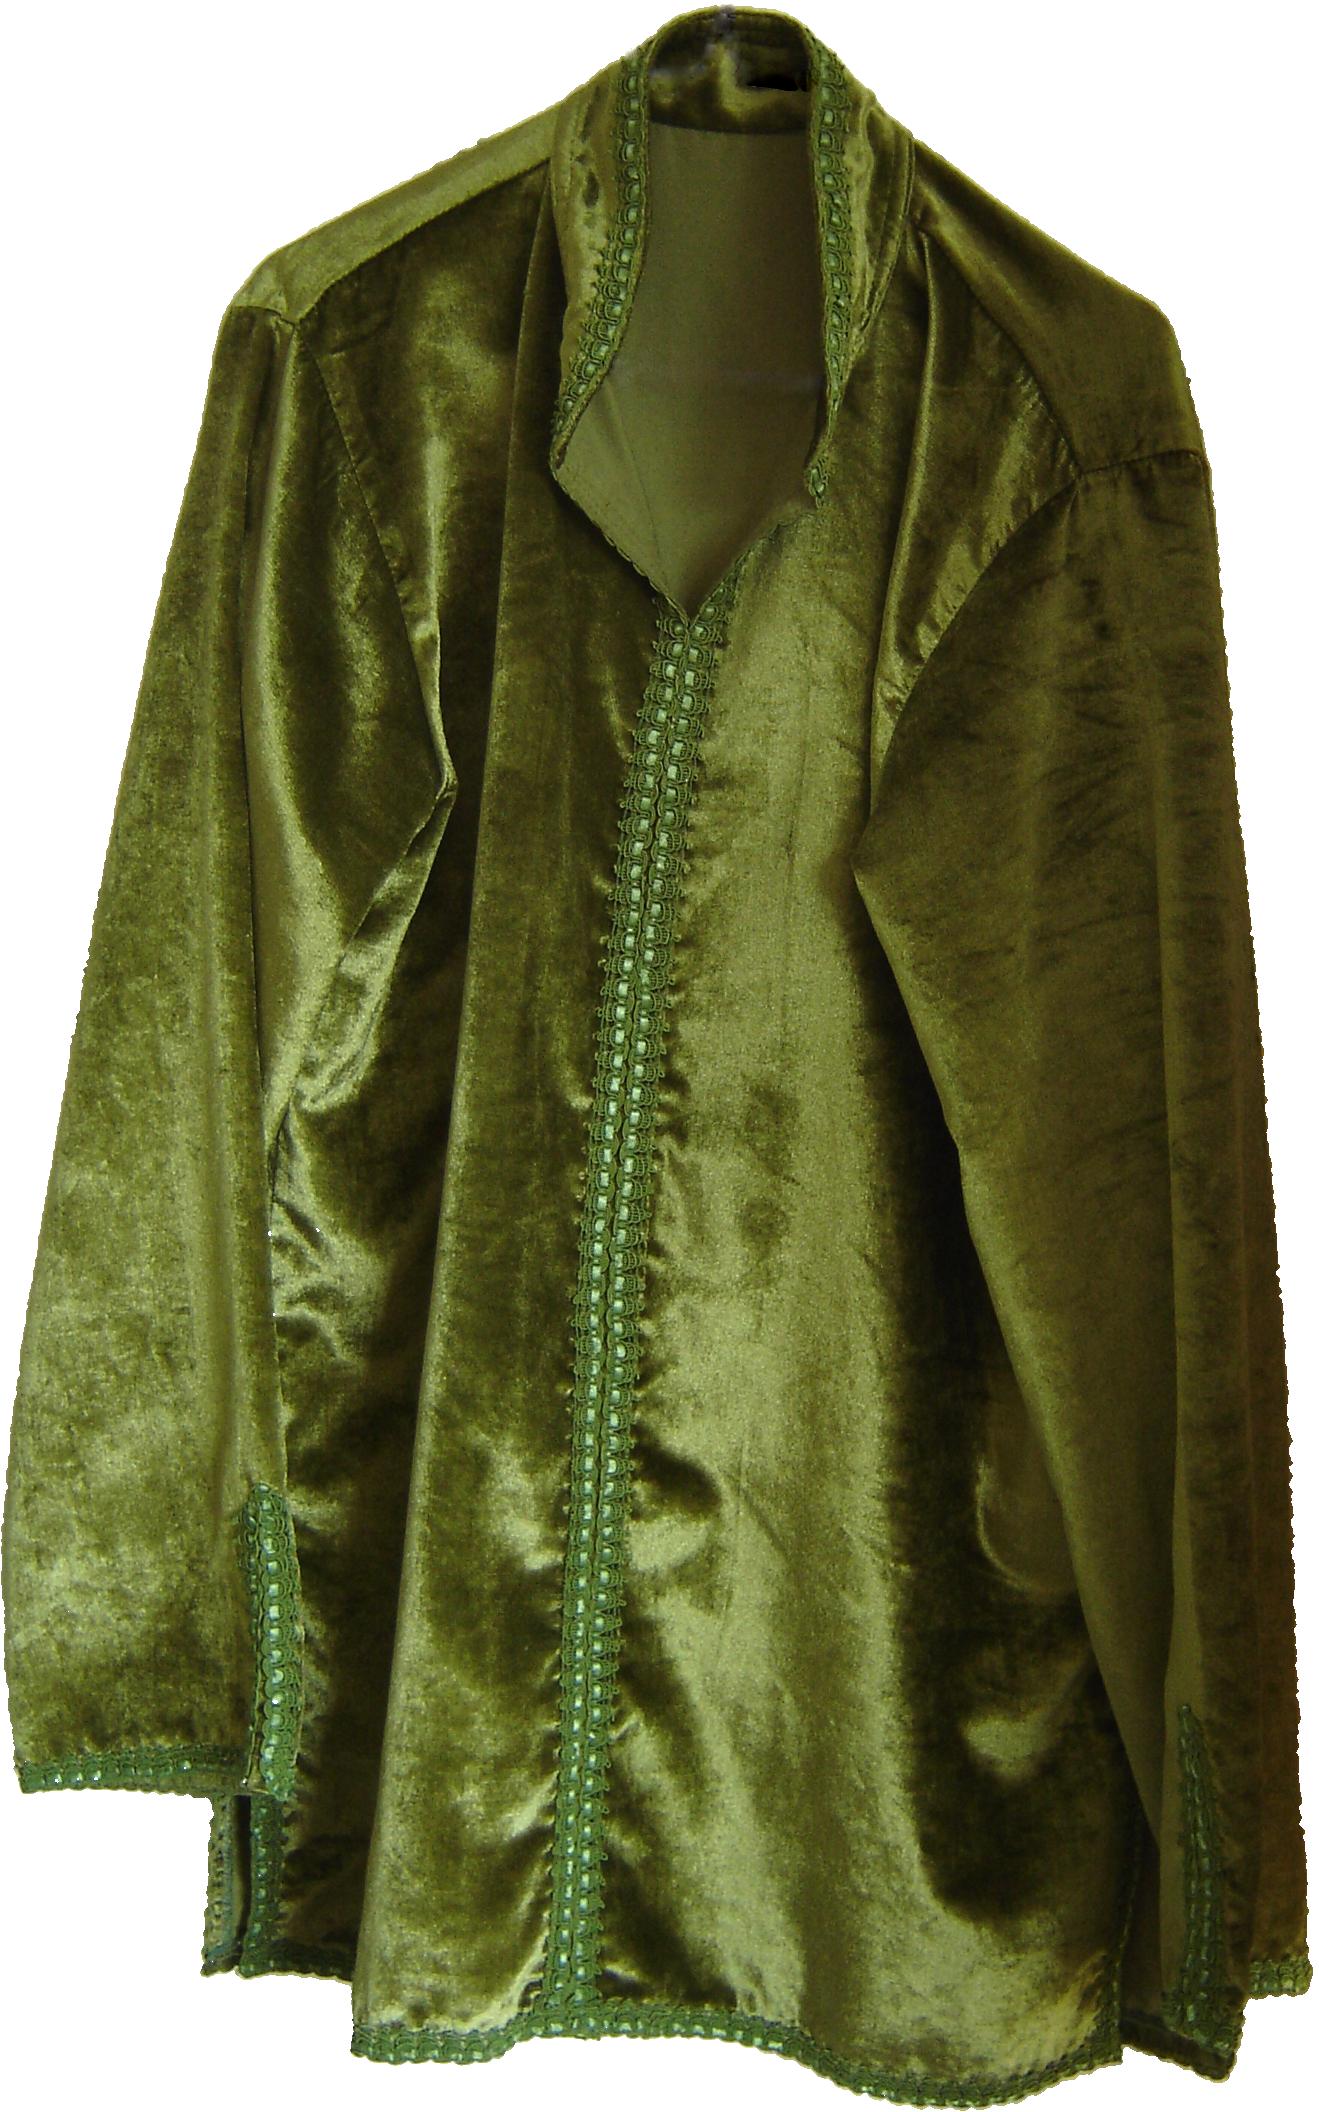 Sage green velvet Moroccan shirt, from Fez, 71 Golborne Road, London